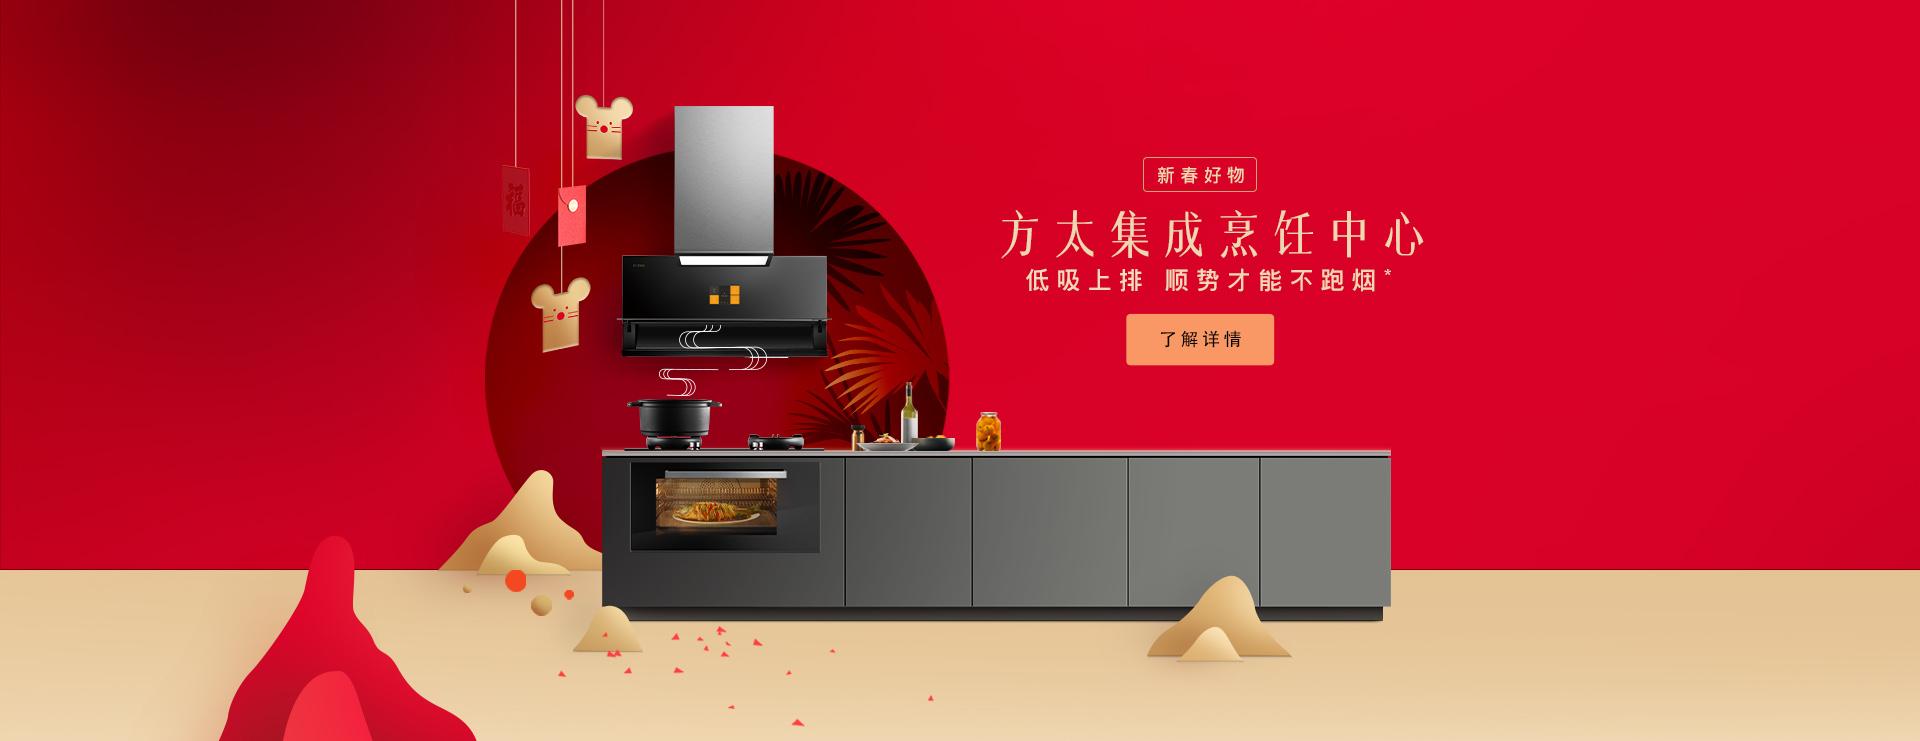 集成烹饪中心春节主题- FOTILE方太厨房电器官方网站